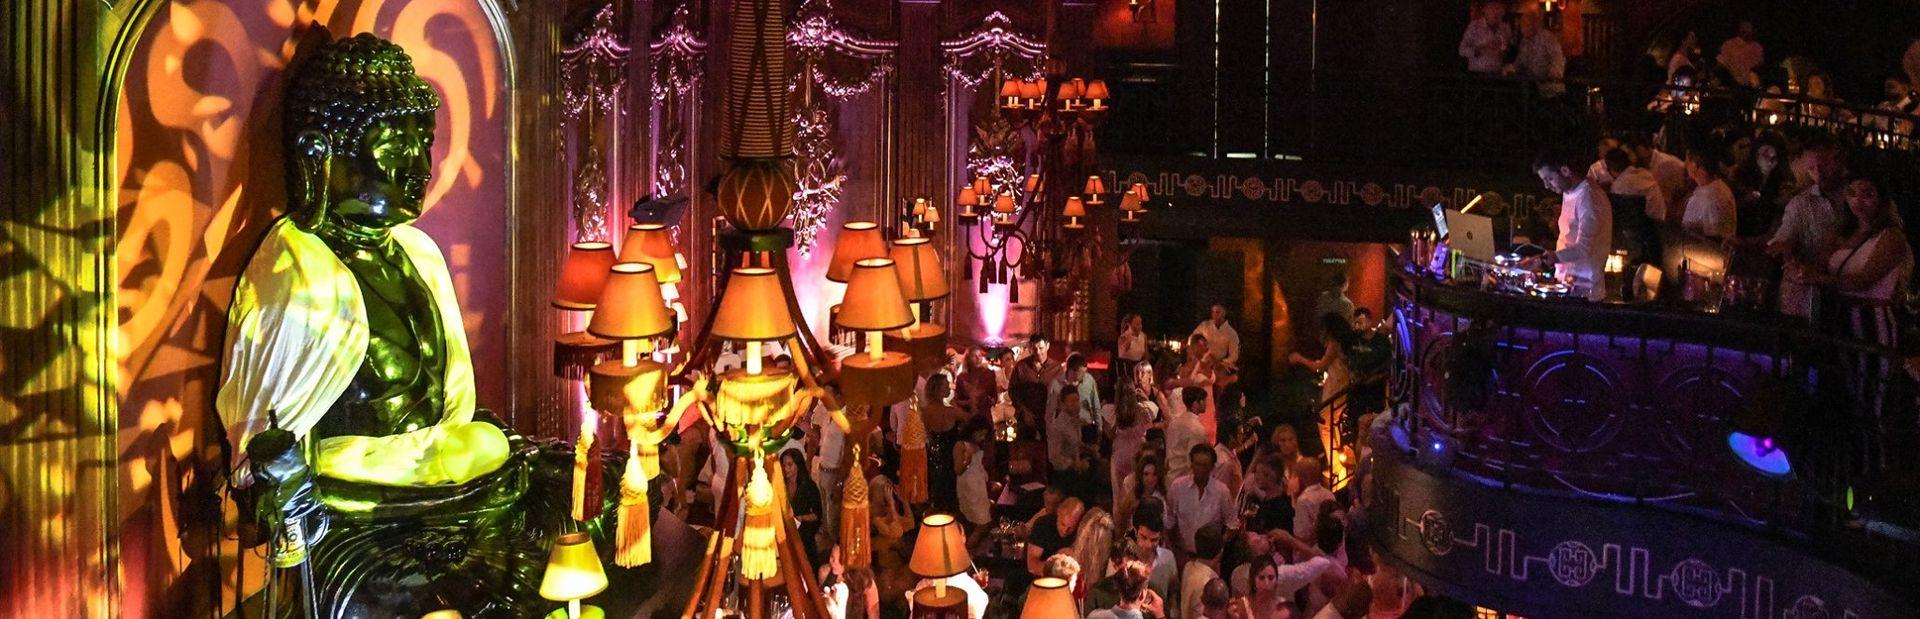 Buddha-Bar Image 1